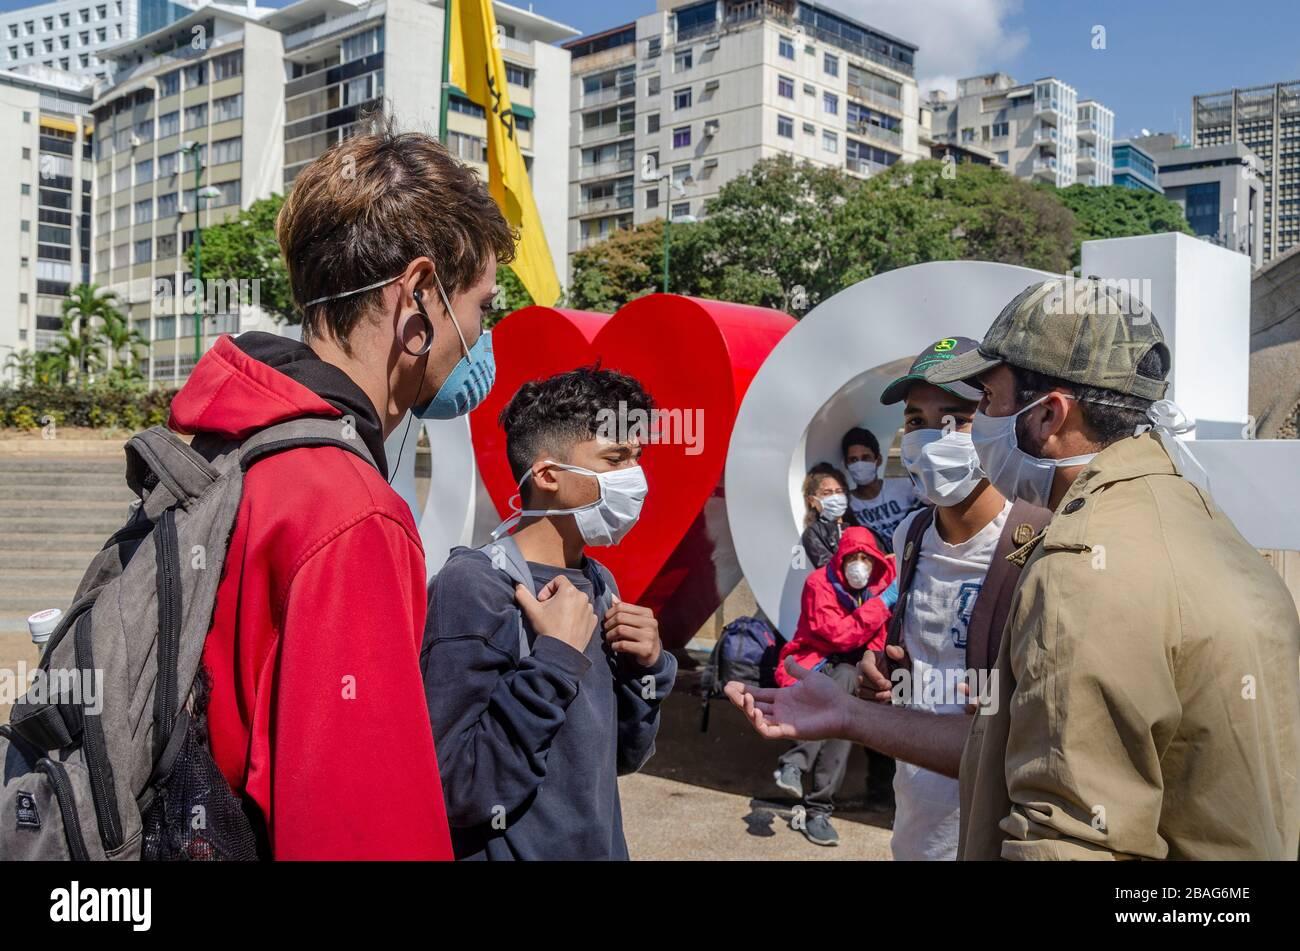 Junge Leute sprechen auf der Plaza Francia in Altamira, bevor sie zu ihrem  Fast-Food-Job gehen. Das Coronavirus traf in Venezuela ein. Das bestätigte  der Co Stockfotografie - Alamy